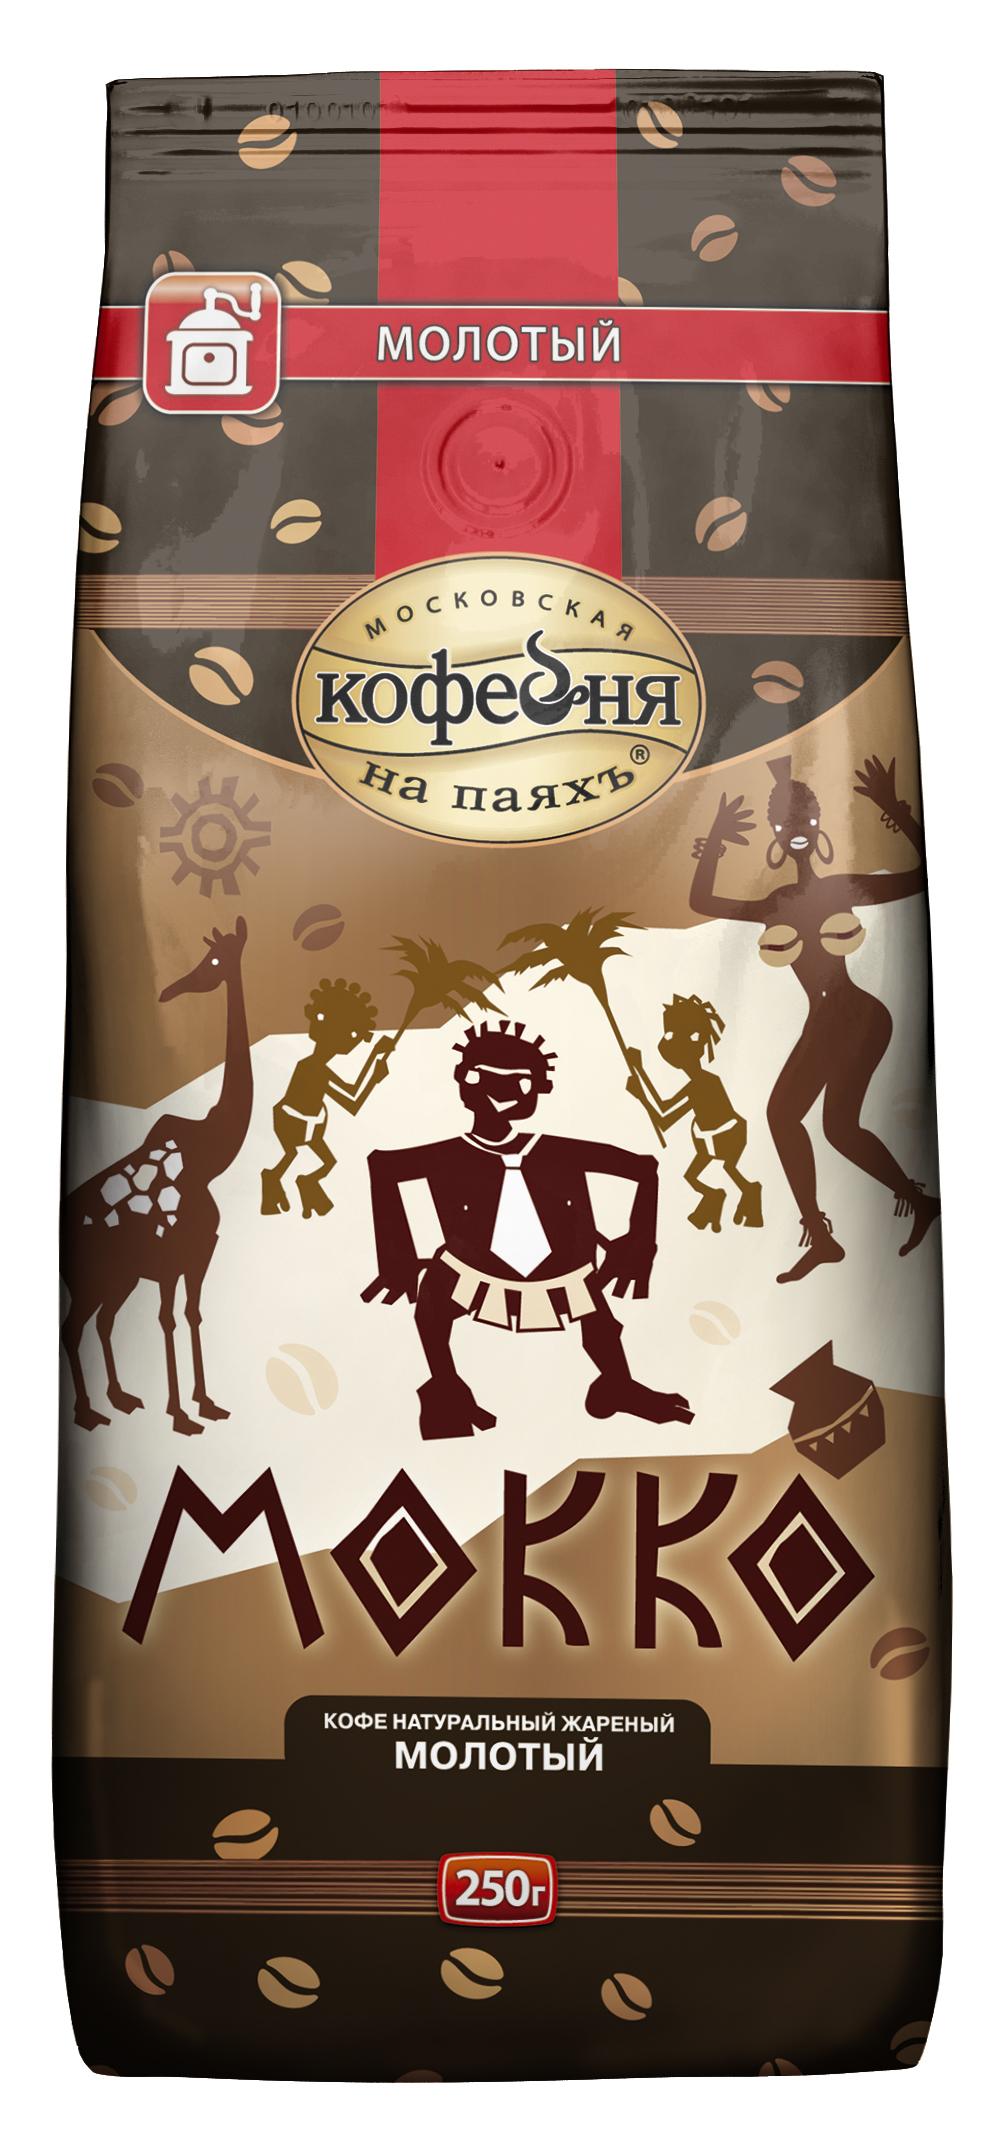 Московская кофейня на паяхъ Мокко кофе молотый, 250 г4601985002094